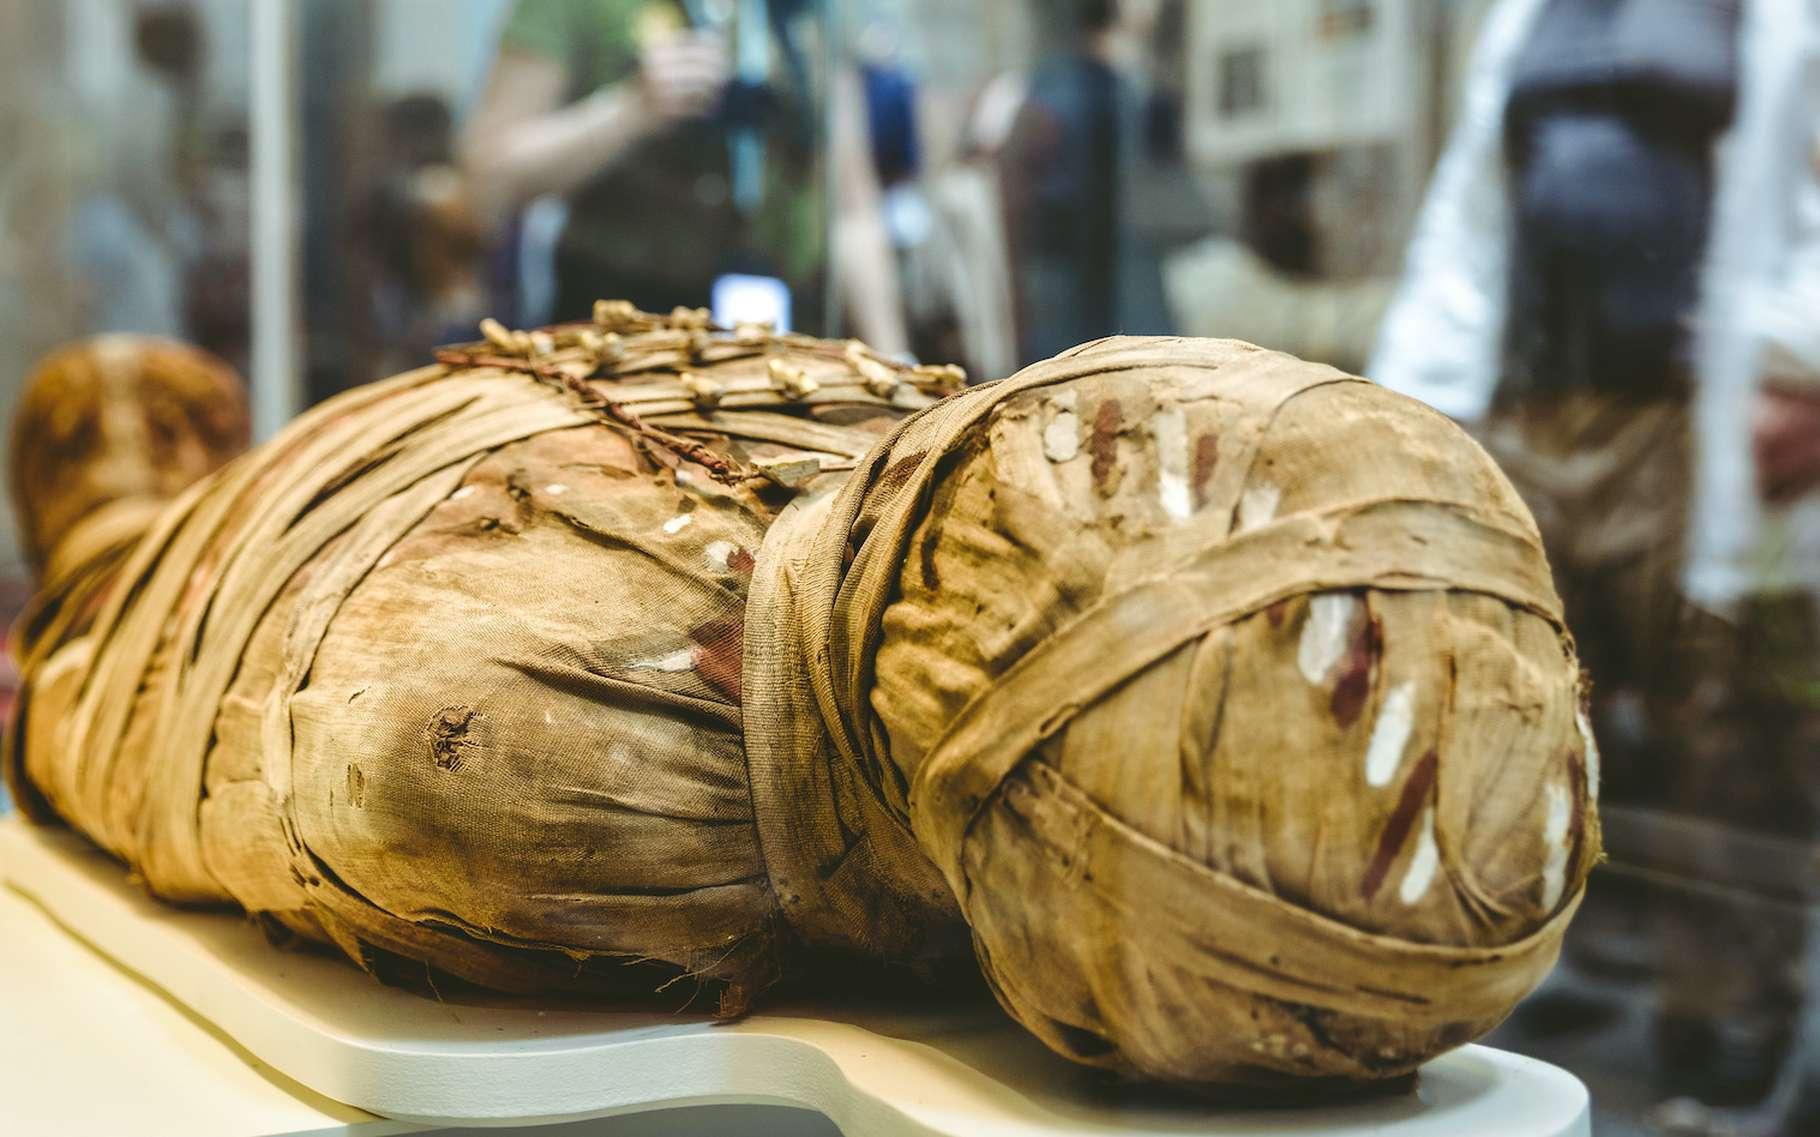 Des chercheurs de l'université de York (Royaume-Uni) sont parvenus à reconstituer la voix d'une momie égyptienne, comme celle prise en illustration ici, vieille de 3.000 ans. © Jaroslav Moravcik, Adobe Stock